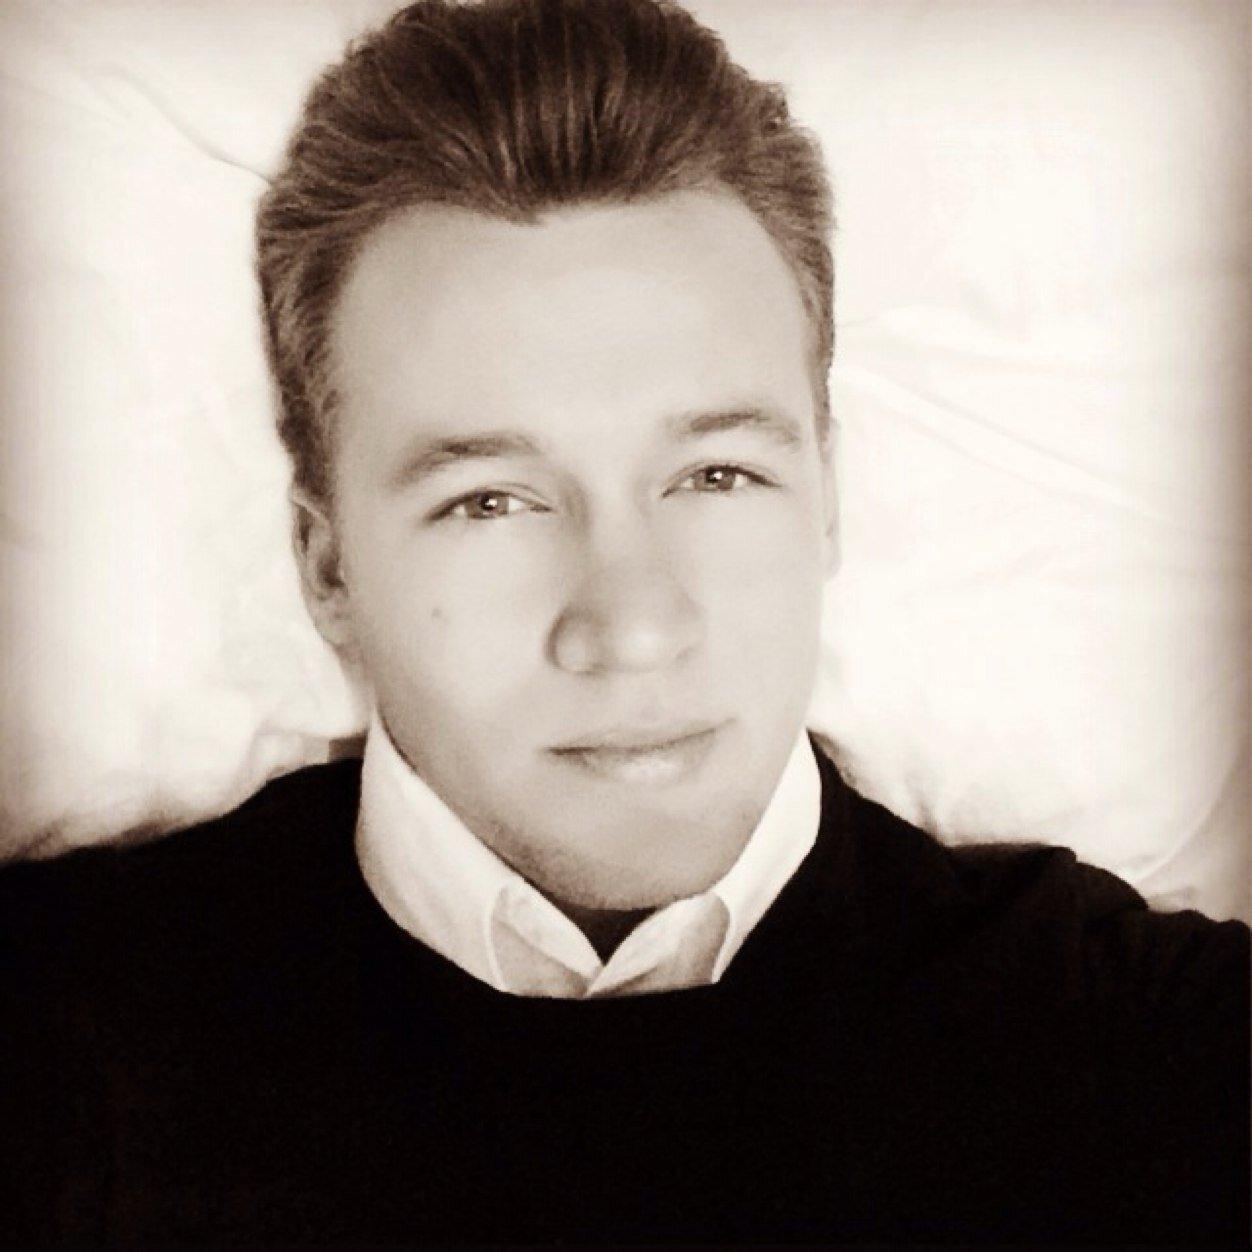 Frederik Jørgensen